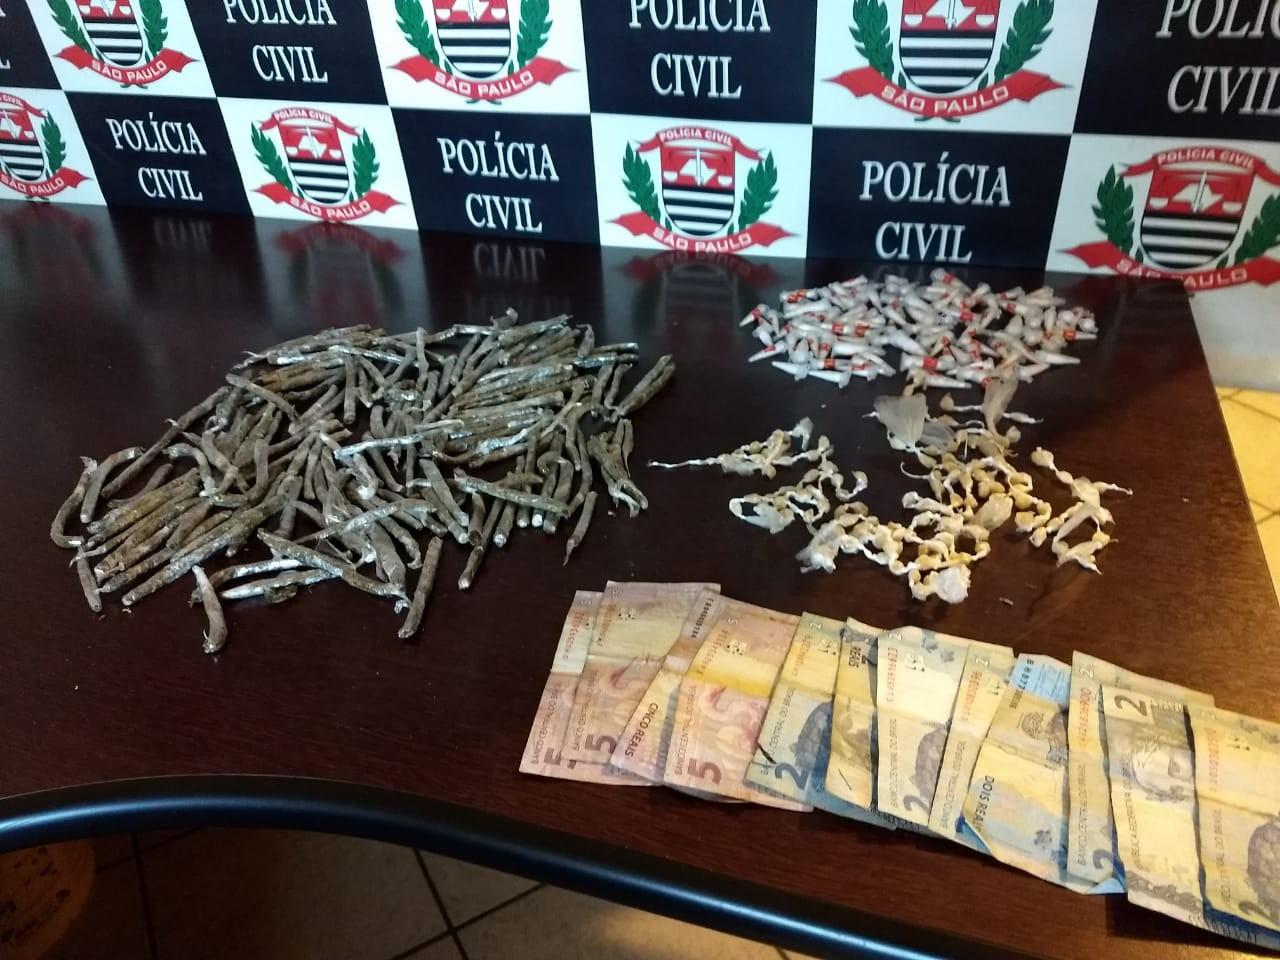 Jovem é preso por suspeita de tráfico de drogas em Mongaguá